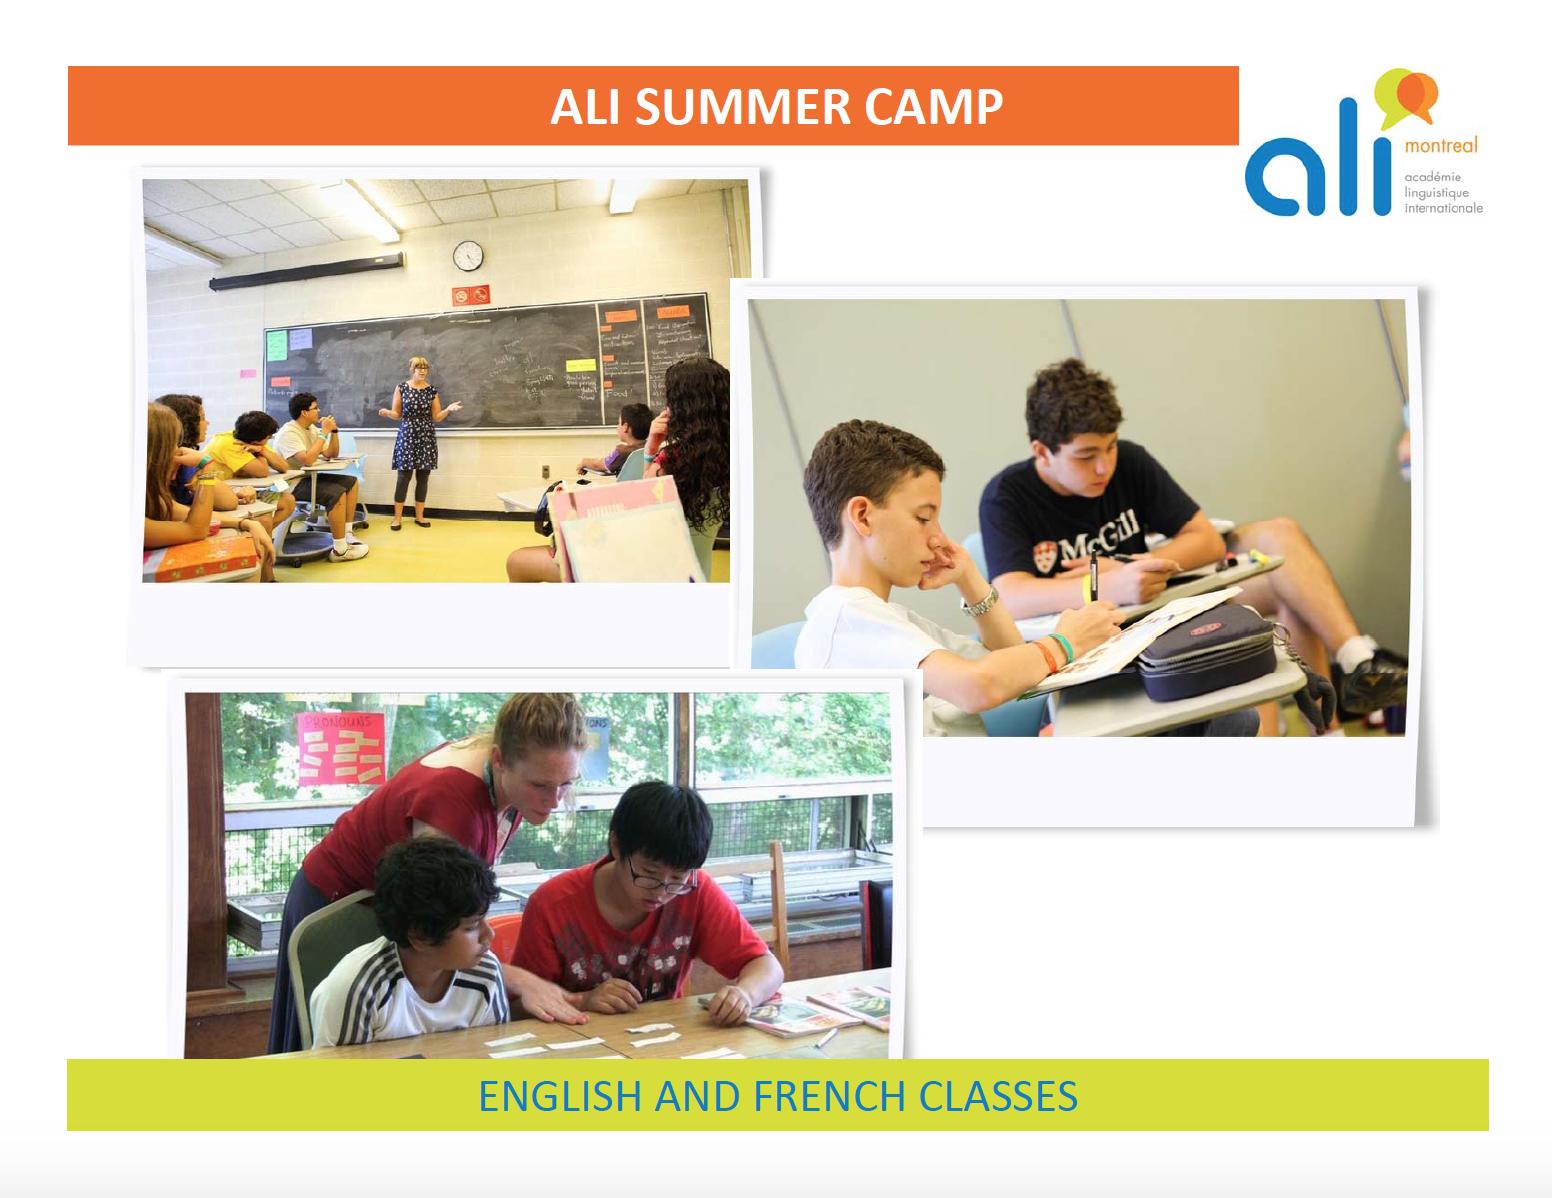 Screenshot 2015-11-15 20.48.25  Summer Camp: Programa de Verão com Inglês em Montreal, Canadá Screenshot 2015 11 15 20